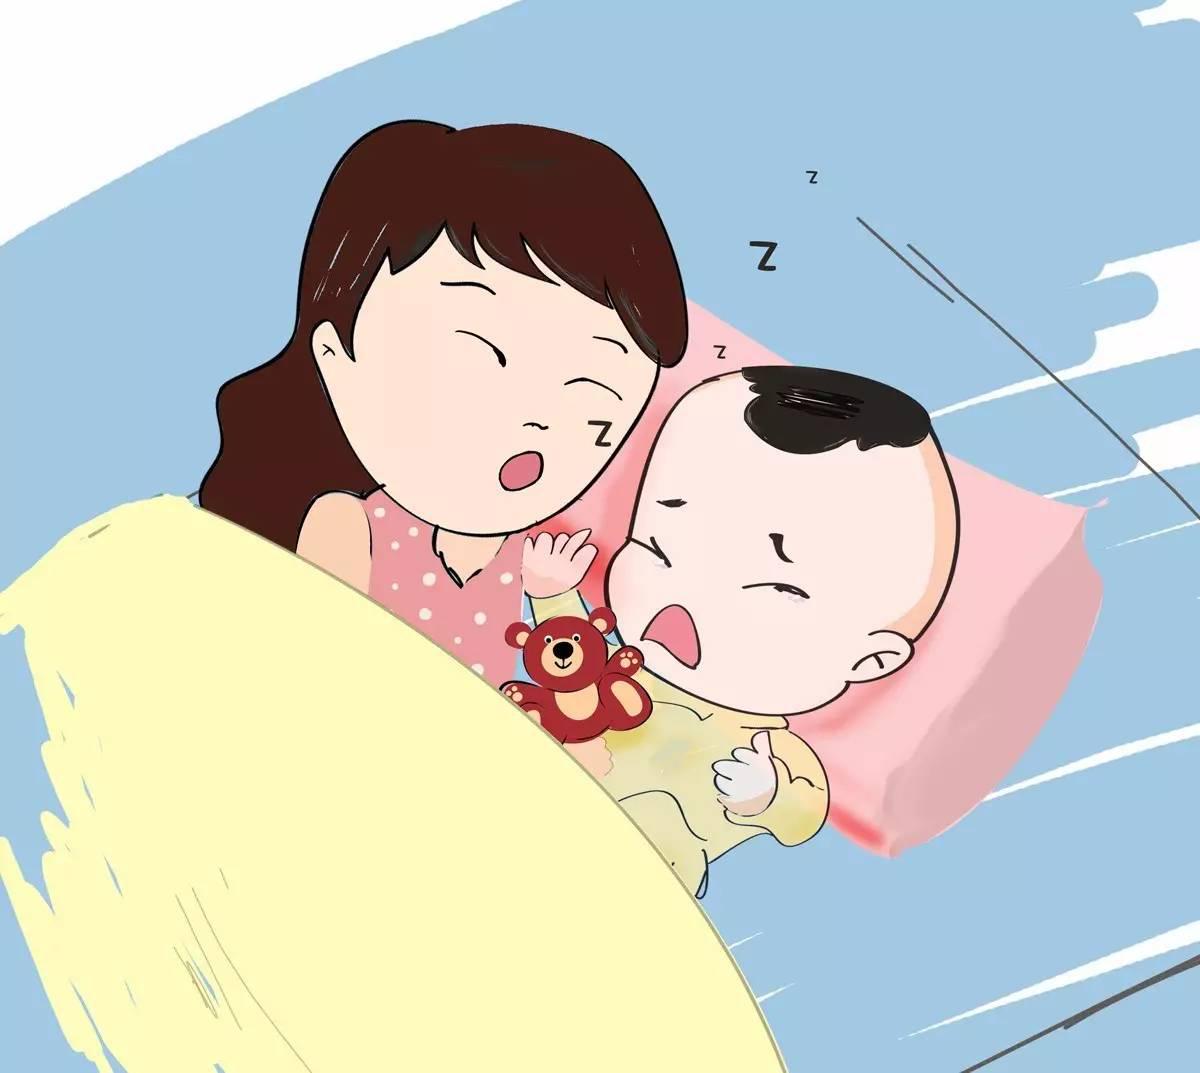 你家宝宝能够独立睡觉吗?_凤凰家居